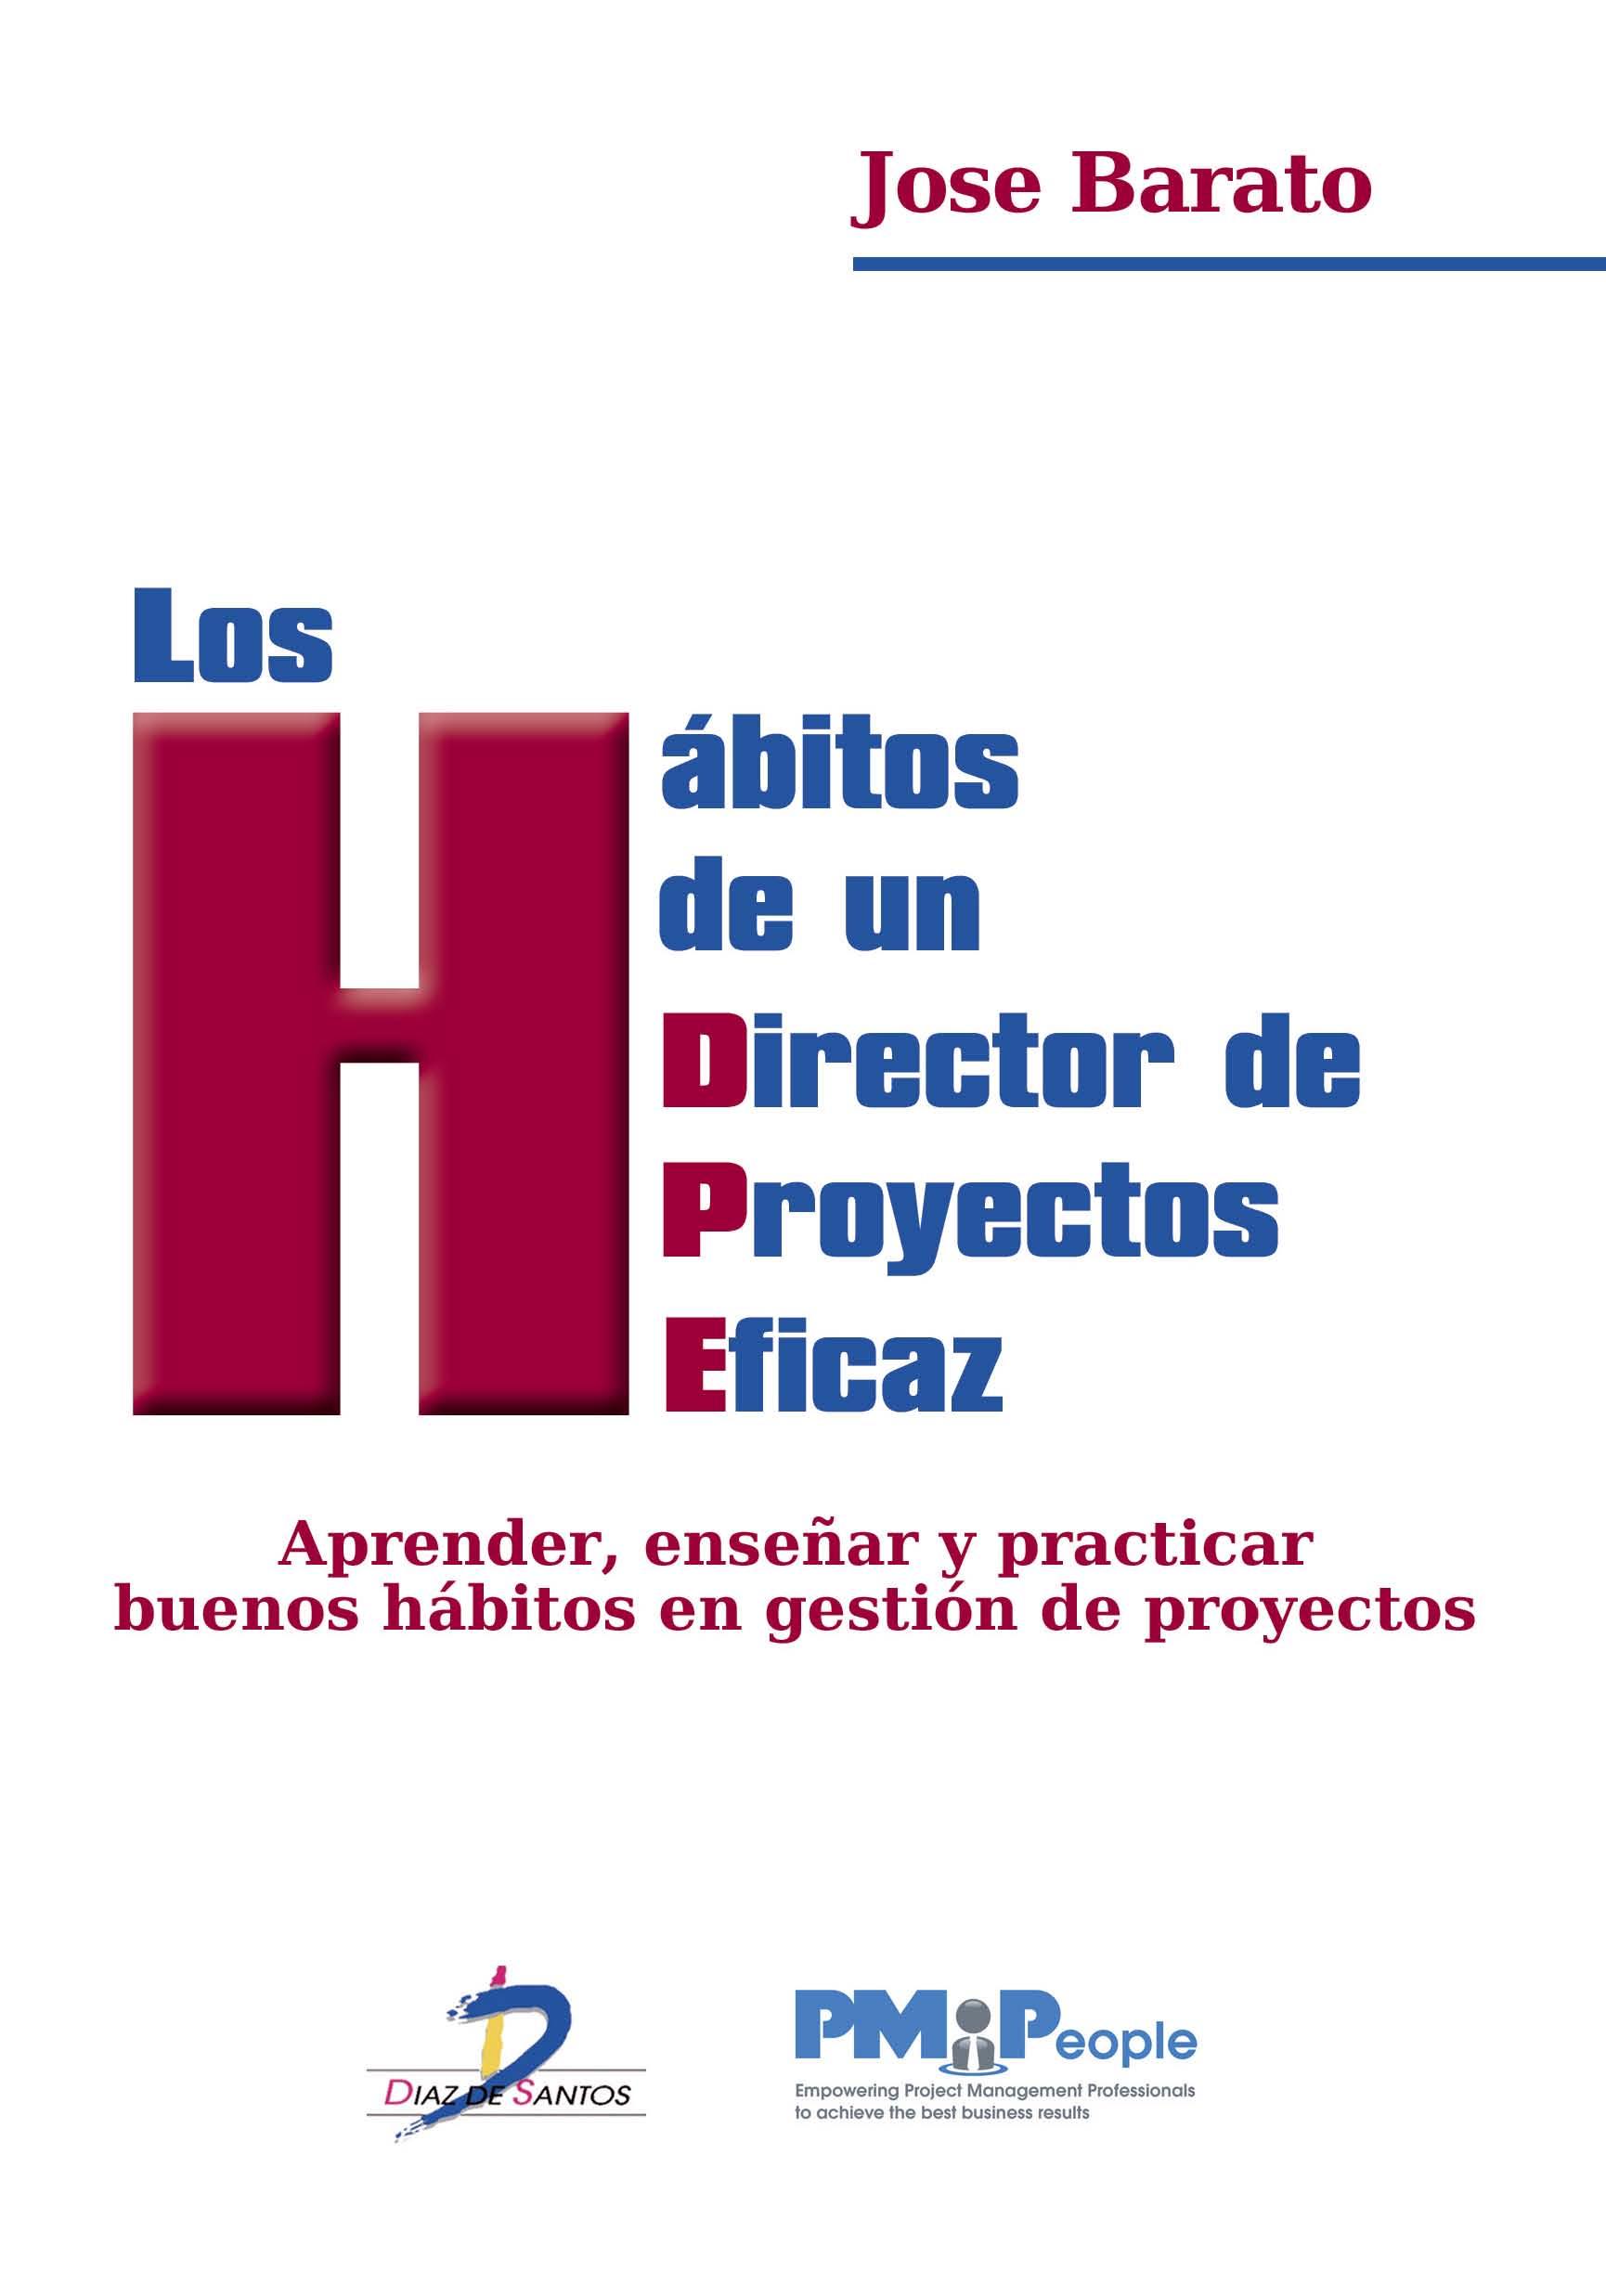 Los hábitos de un Director de Proyectos eficaz